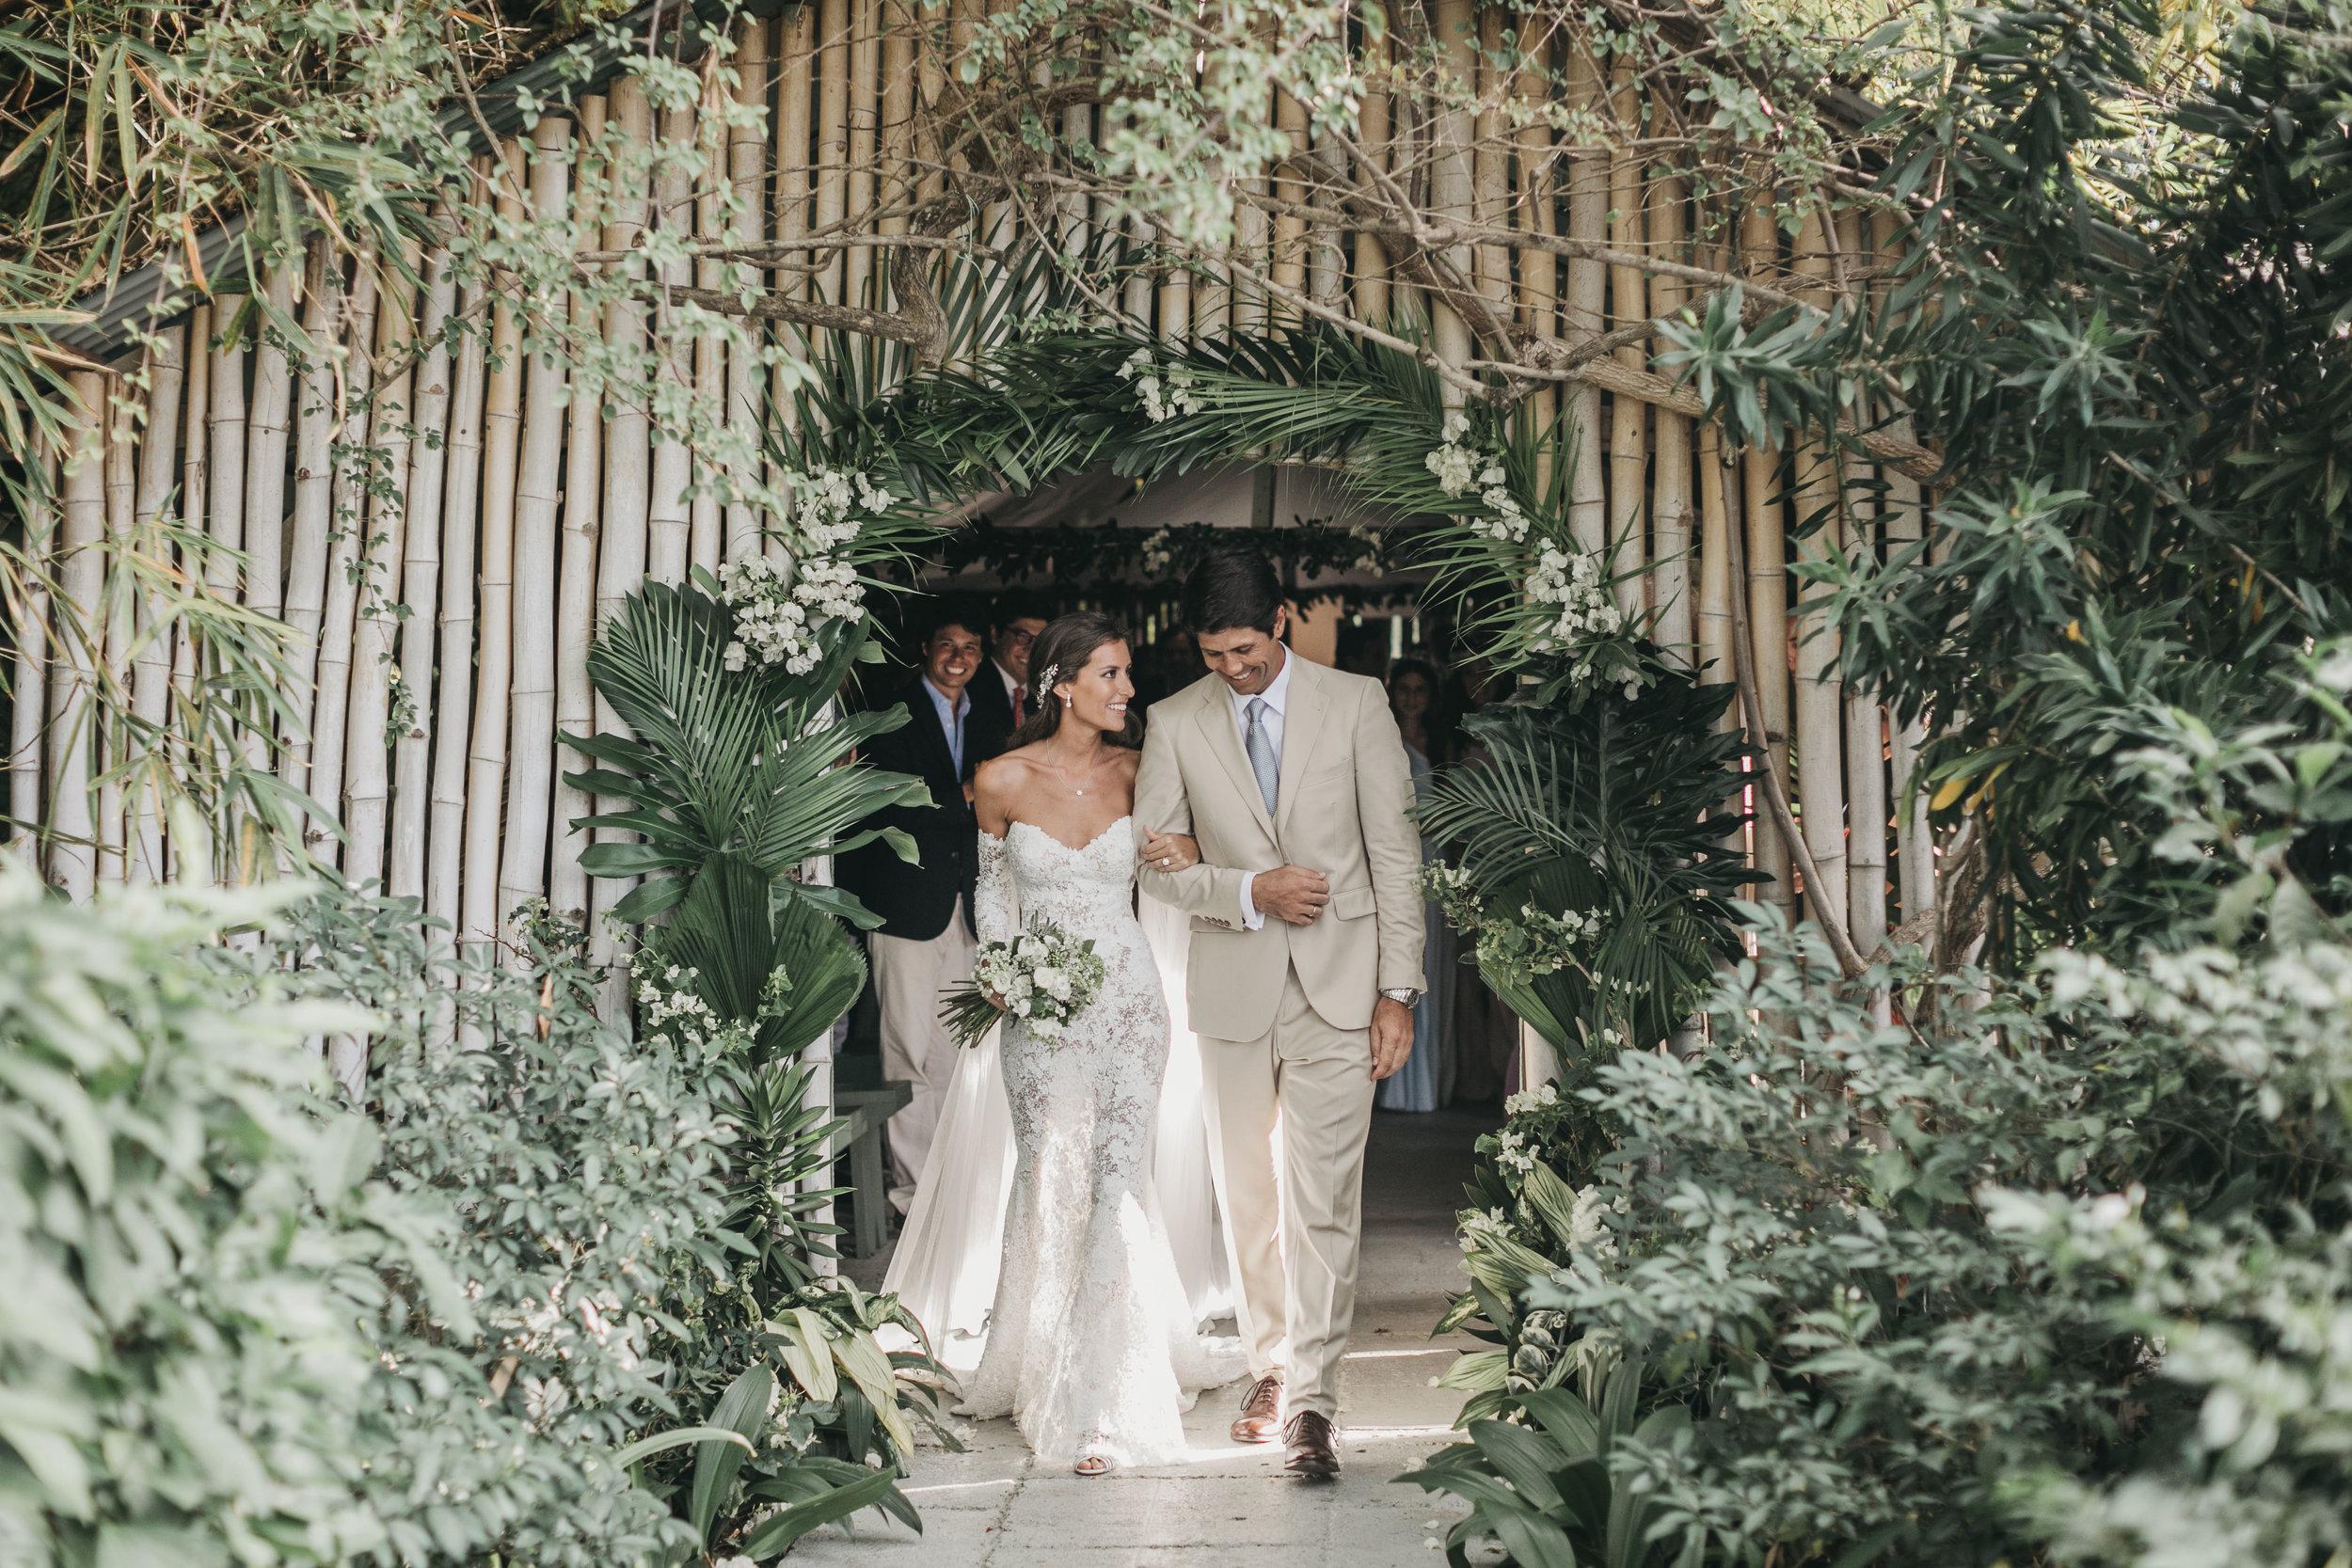 Fotografo de bodas españa serafin castillo wedding photographer spain 071.jpg